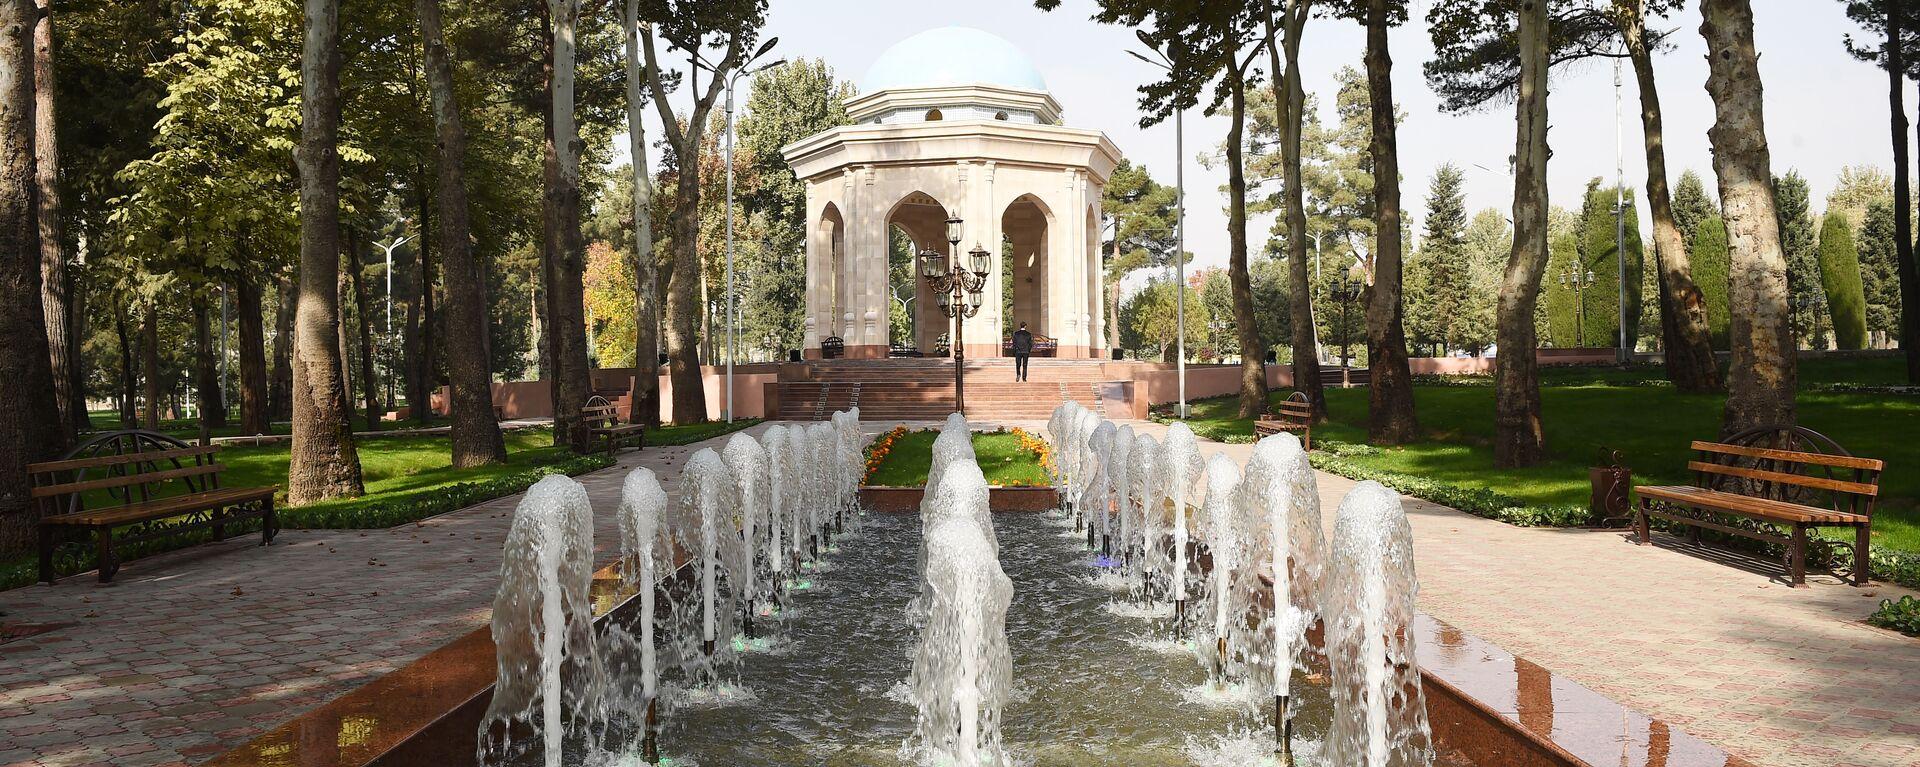 Парк культуры и отдыха имени Садриддина Айни после реконструкции - Sputnik Таджикистан, 1920, 05.04.2021